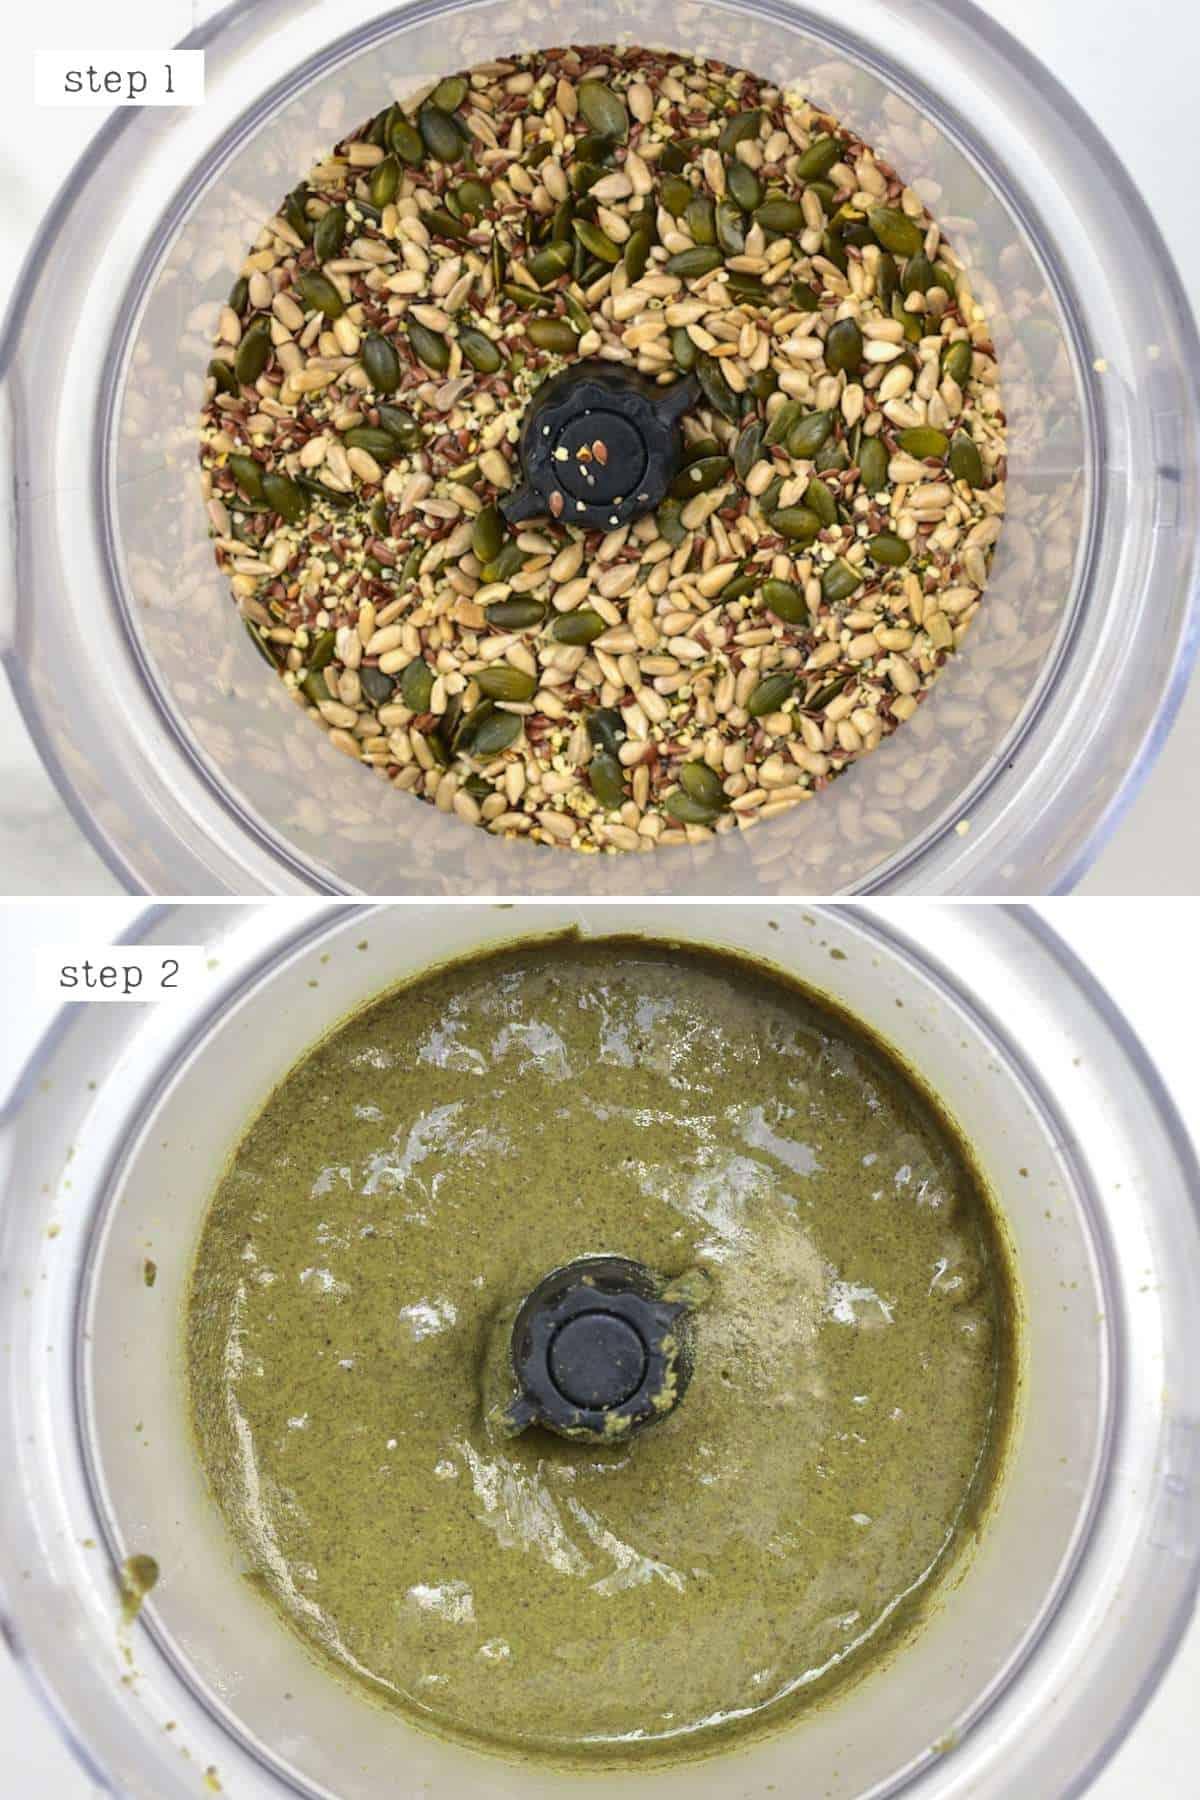 Steps for blending omega butter